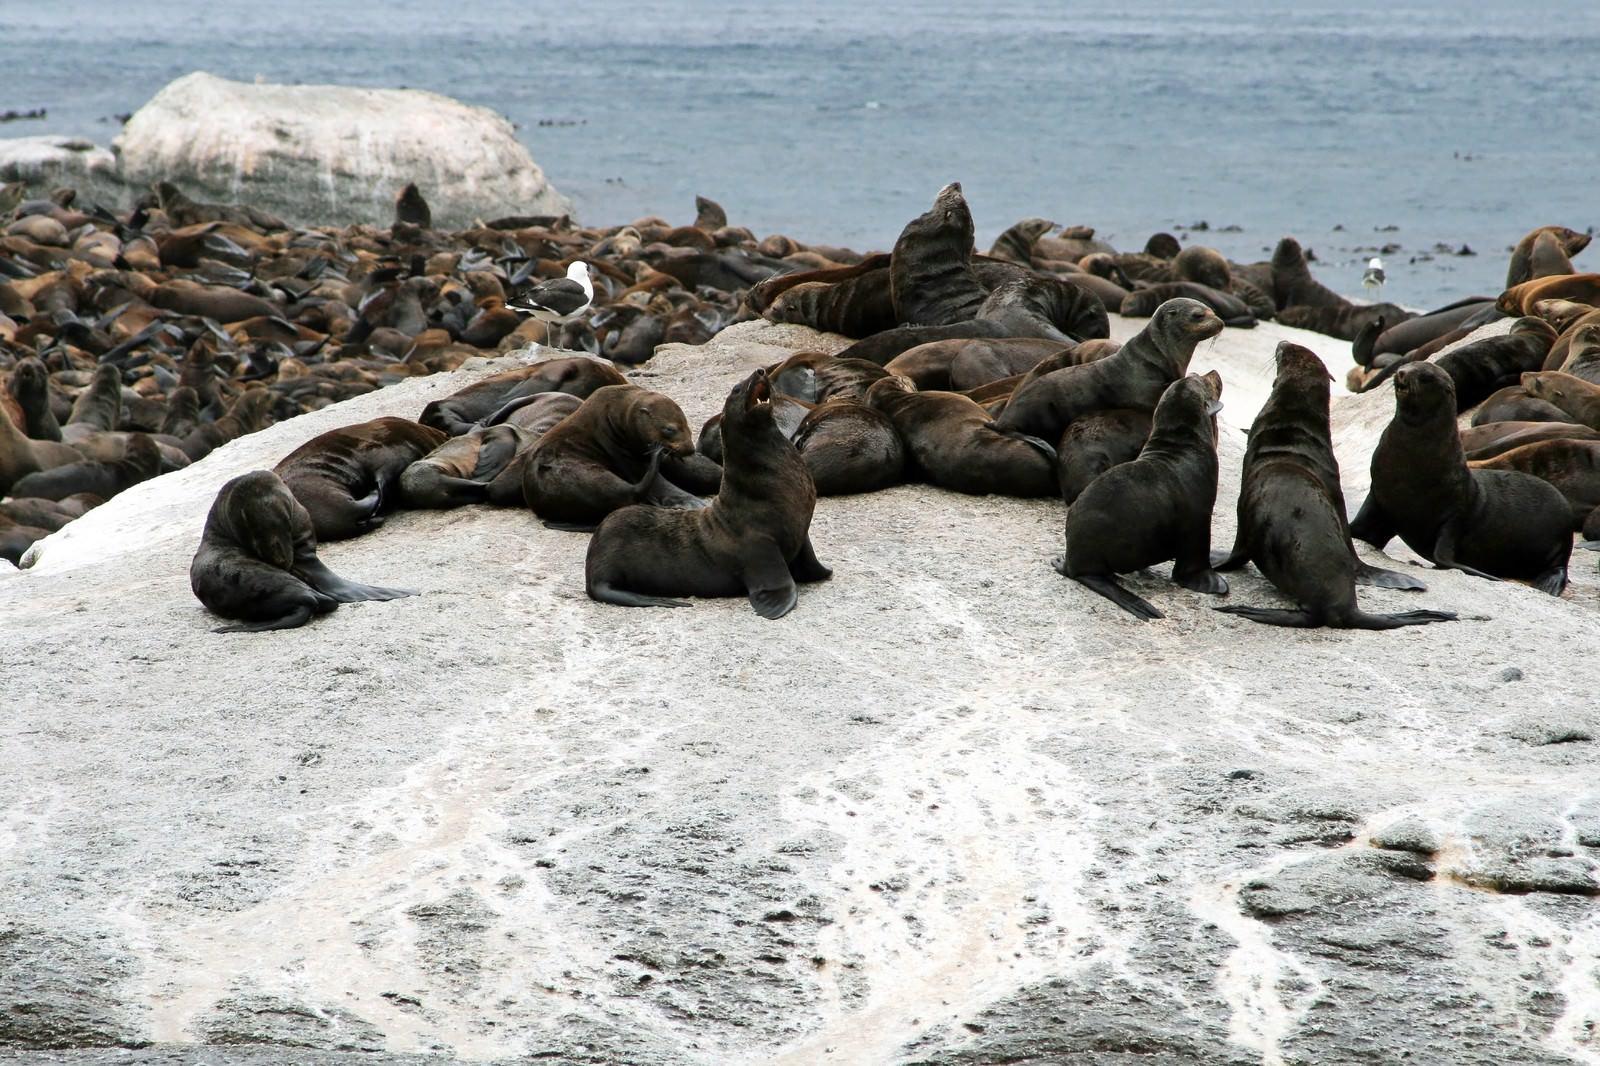 「ものすごいアザラシの群れ」の写真